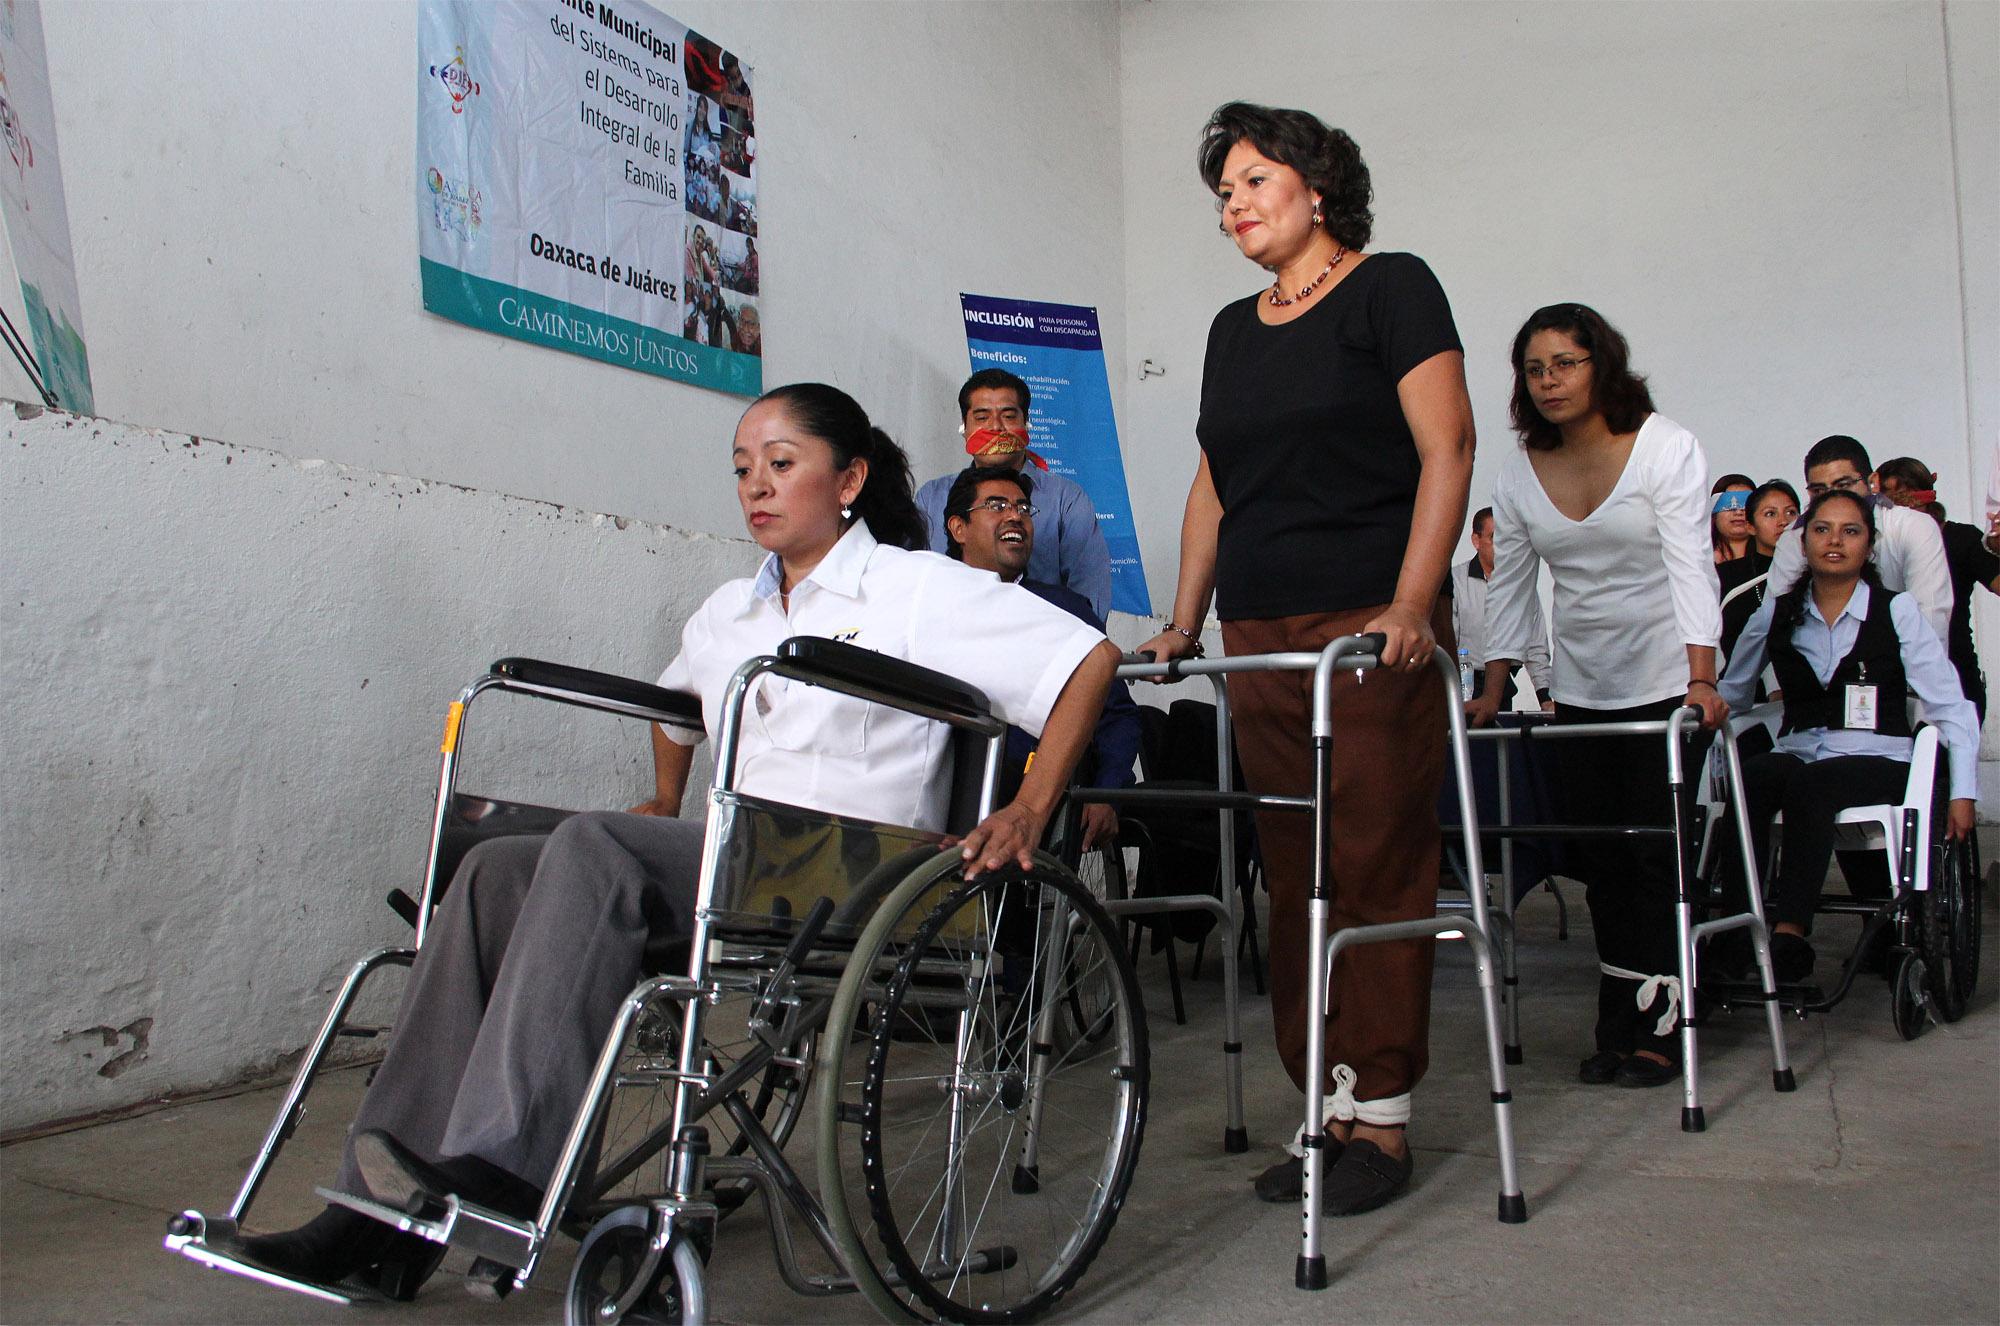 Necesarias acciones sencillas pero extraordinarias a favor de las personas con discapacidad ante la pandemia de COVID-19